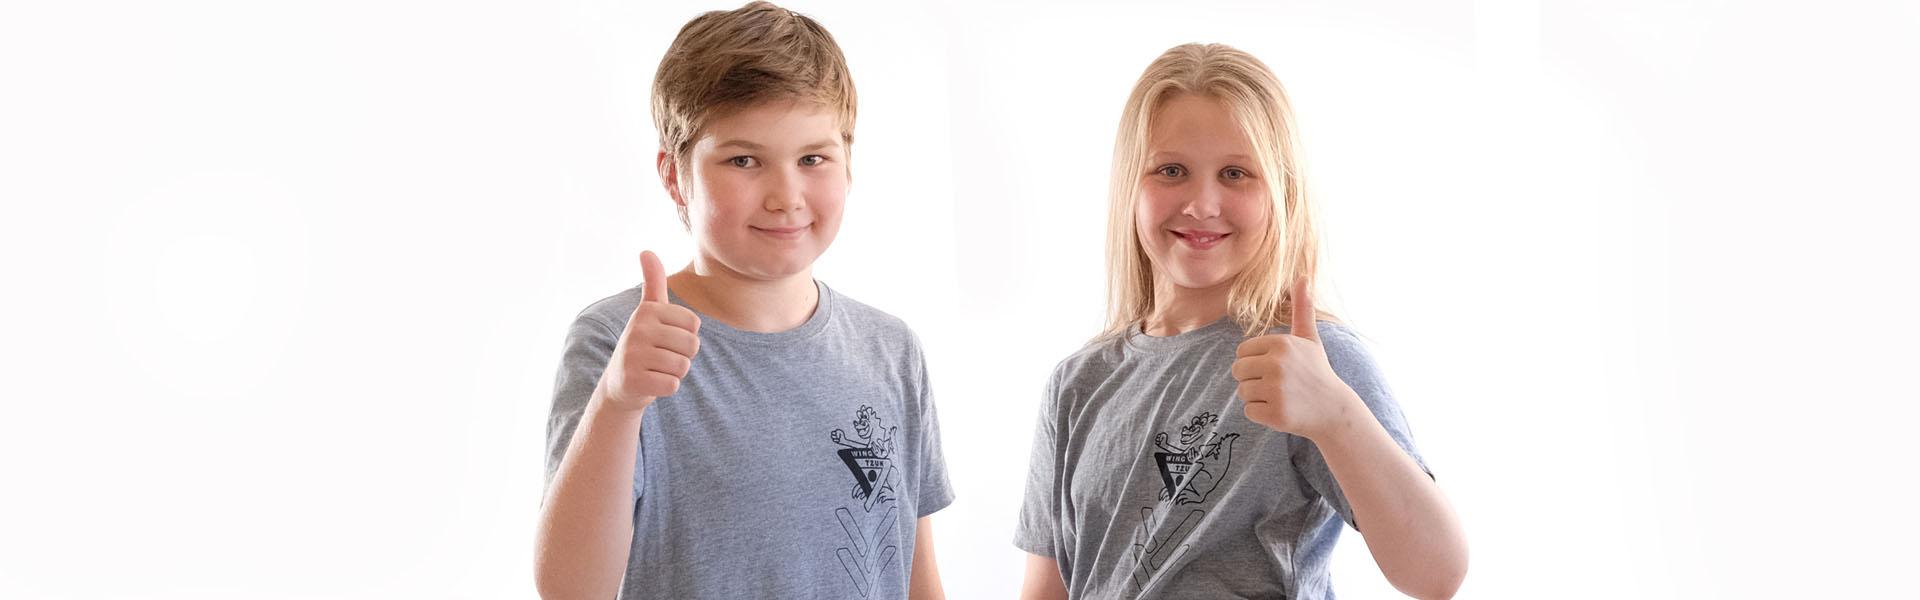 Kids Kung Fu, Ludwigshafen am Rhein, Kindertraining, Selbstverteidigung für Kinder, Kinder Kampfsport